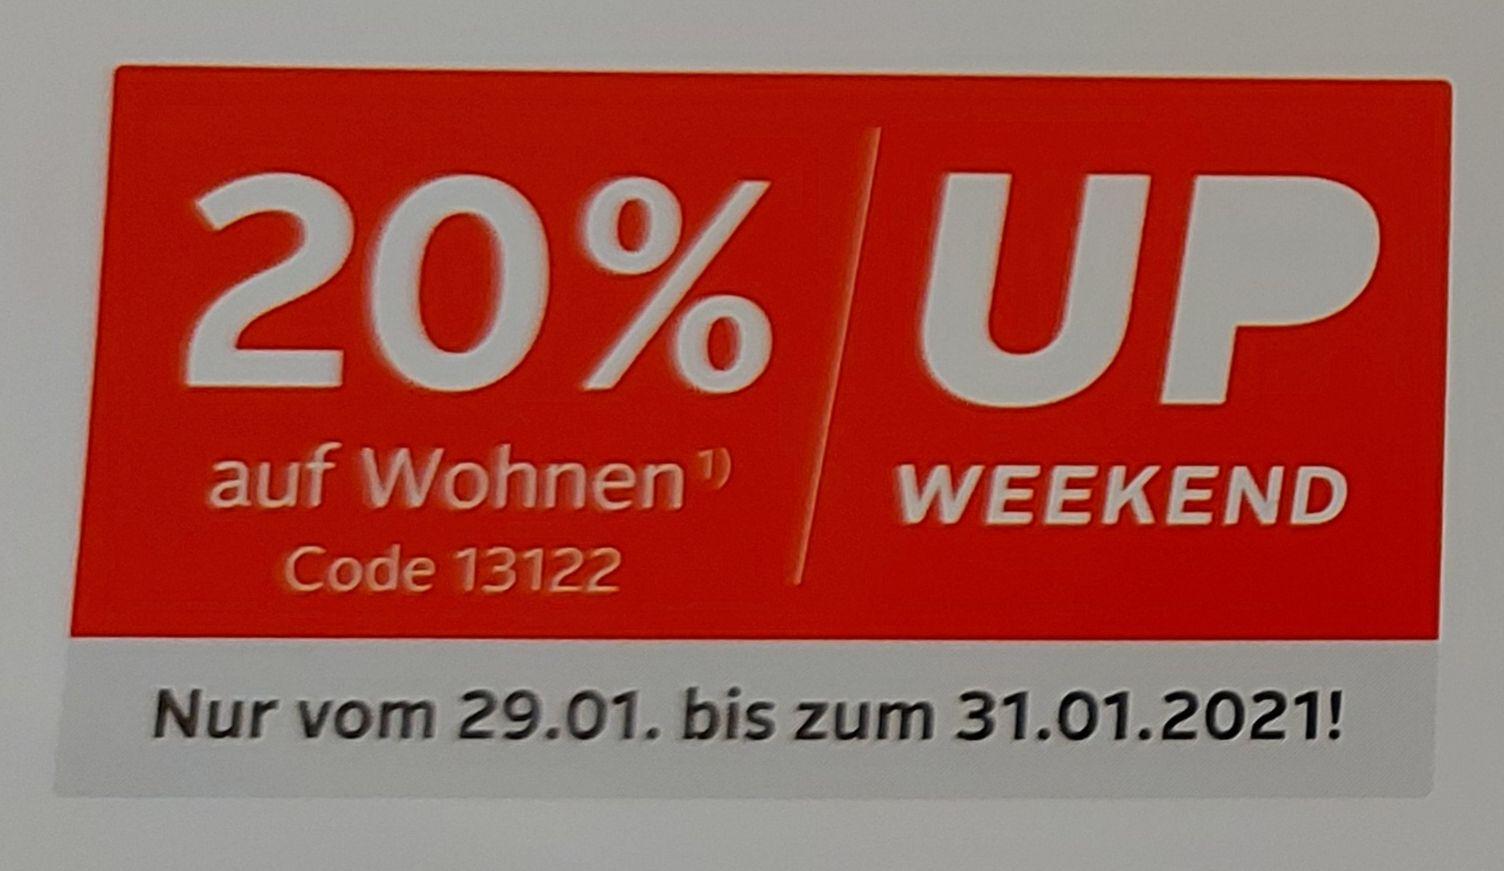 [Otto-Up vom 29.01 bis 31.01] 20% Rabatt auf Möbel - Heimtextilien - Koch,- und Backzubehör - Geschirr und Tischaccessoires und Hue